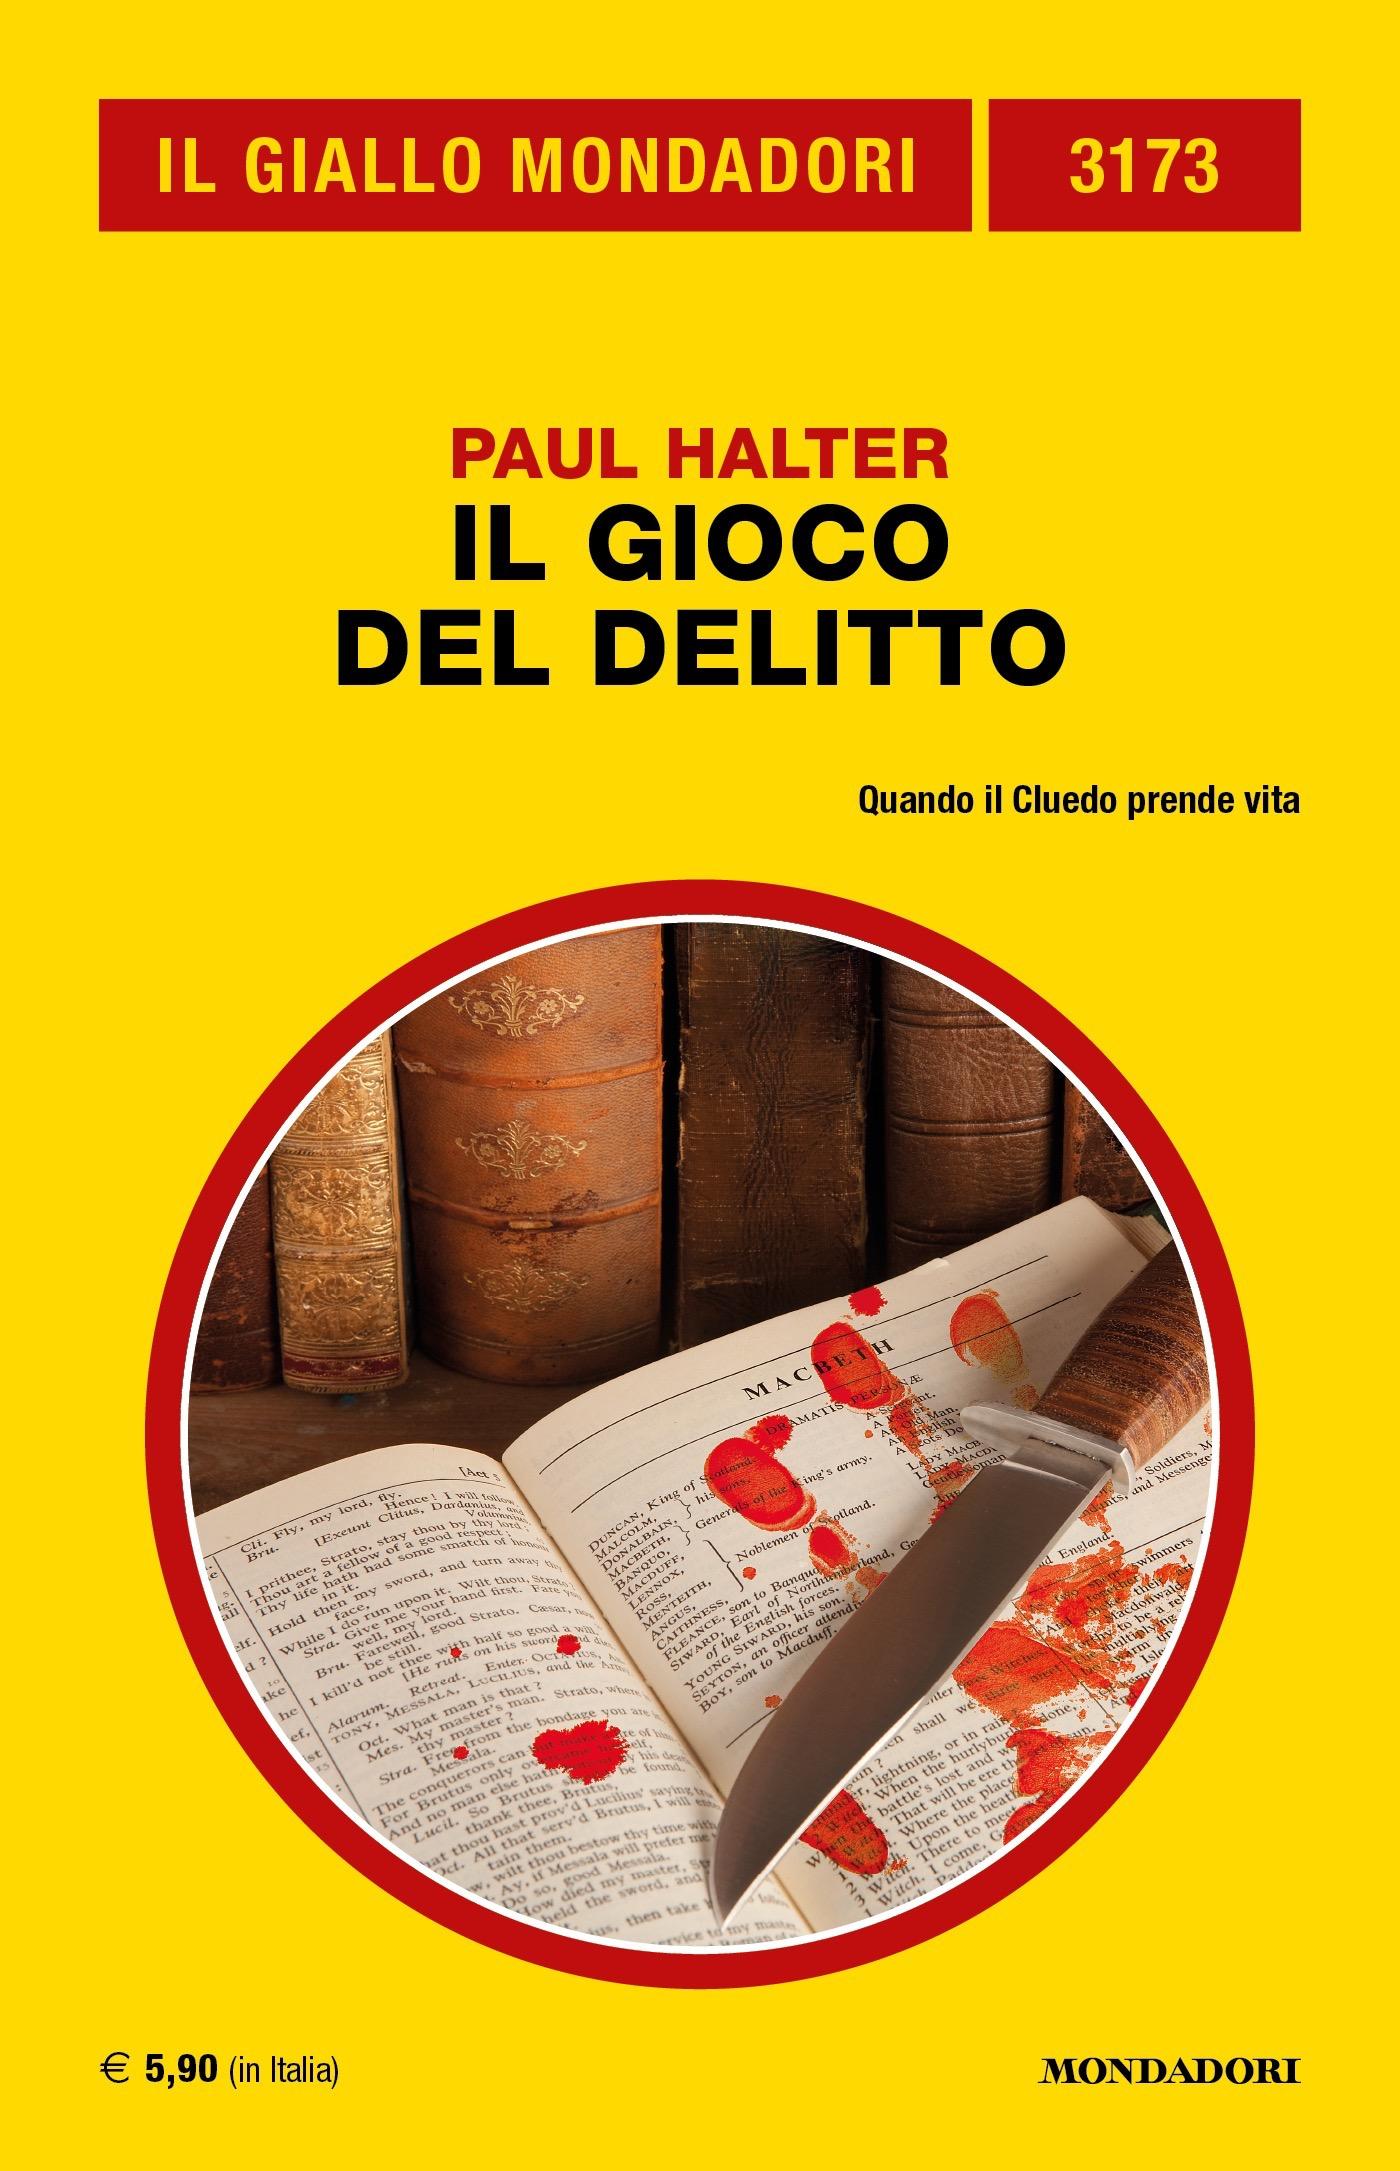 COP_3173_halter_il_gioco_del_delitto_cm_cover